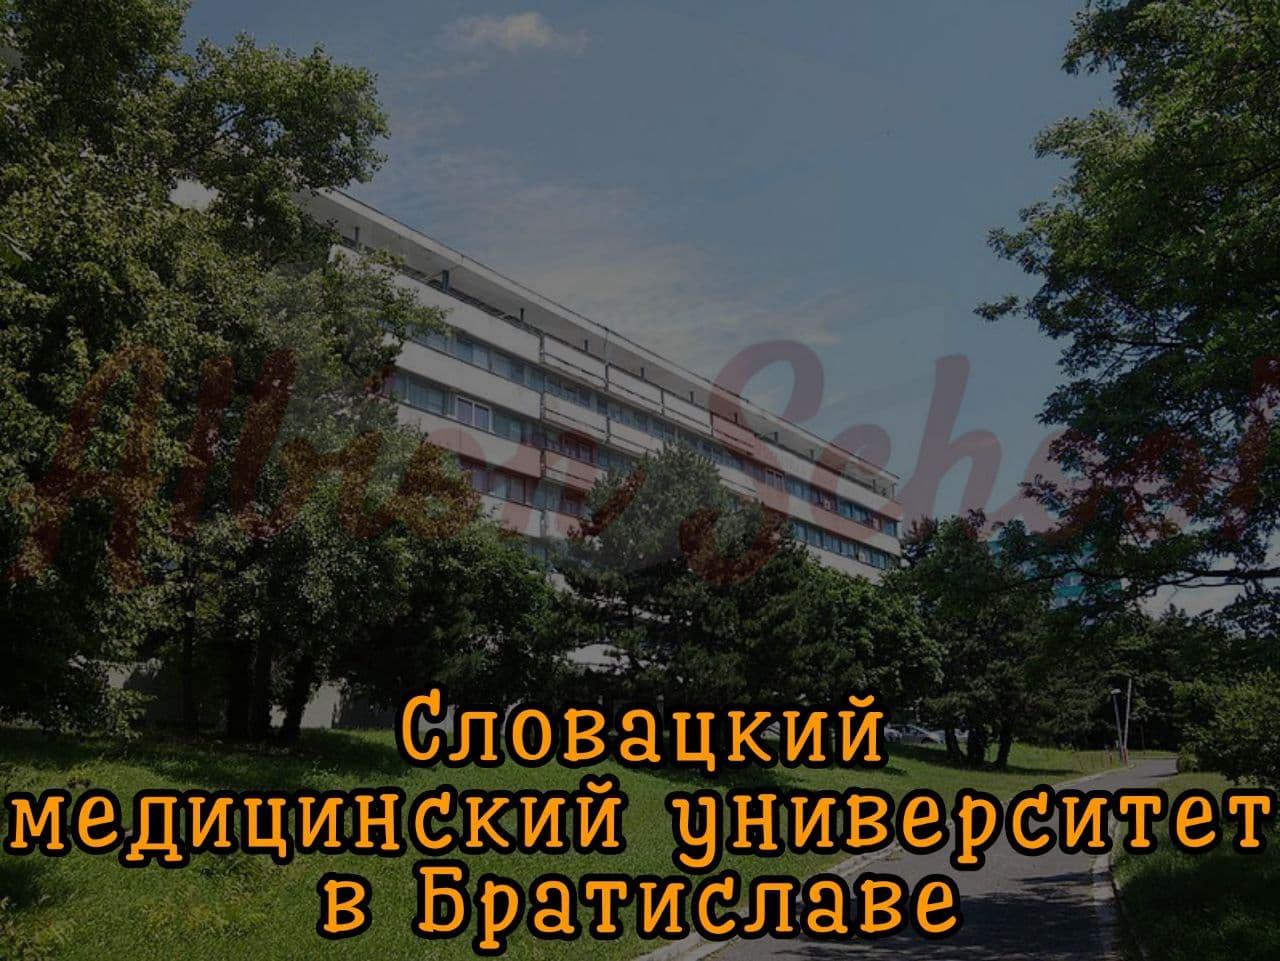 Словацкий медицинский университет в Братиславе Словакия